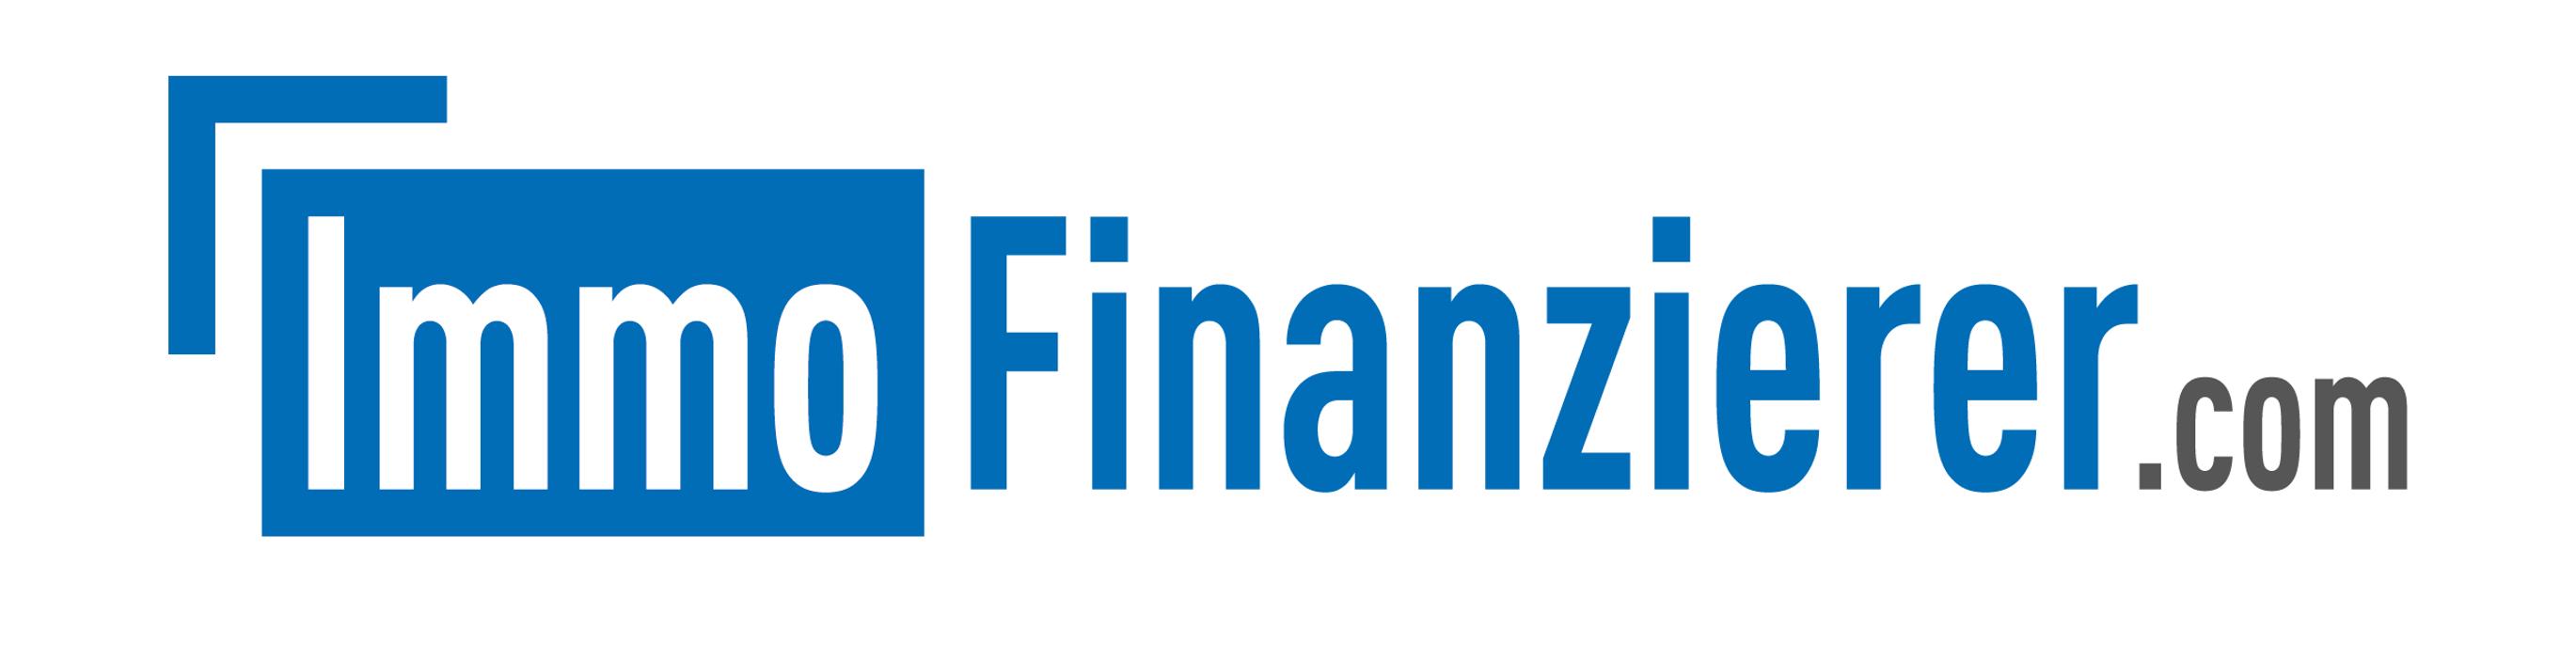 Bild zu Immofinanzierer in Neuenhagen bei Berlin